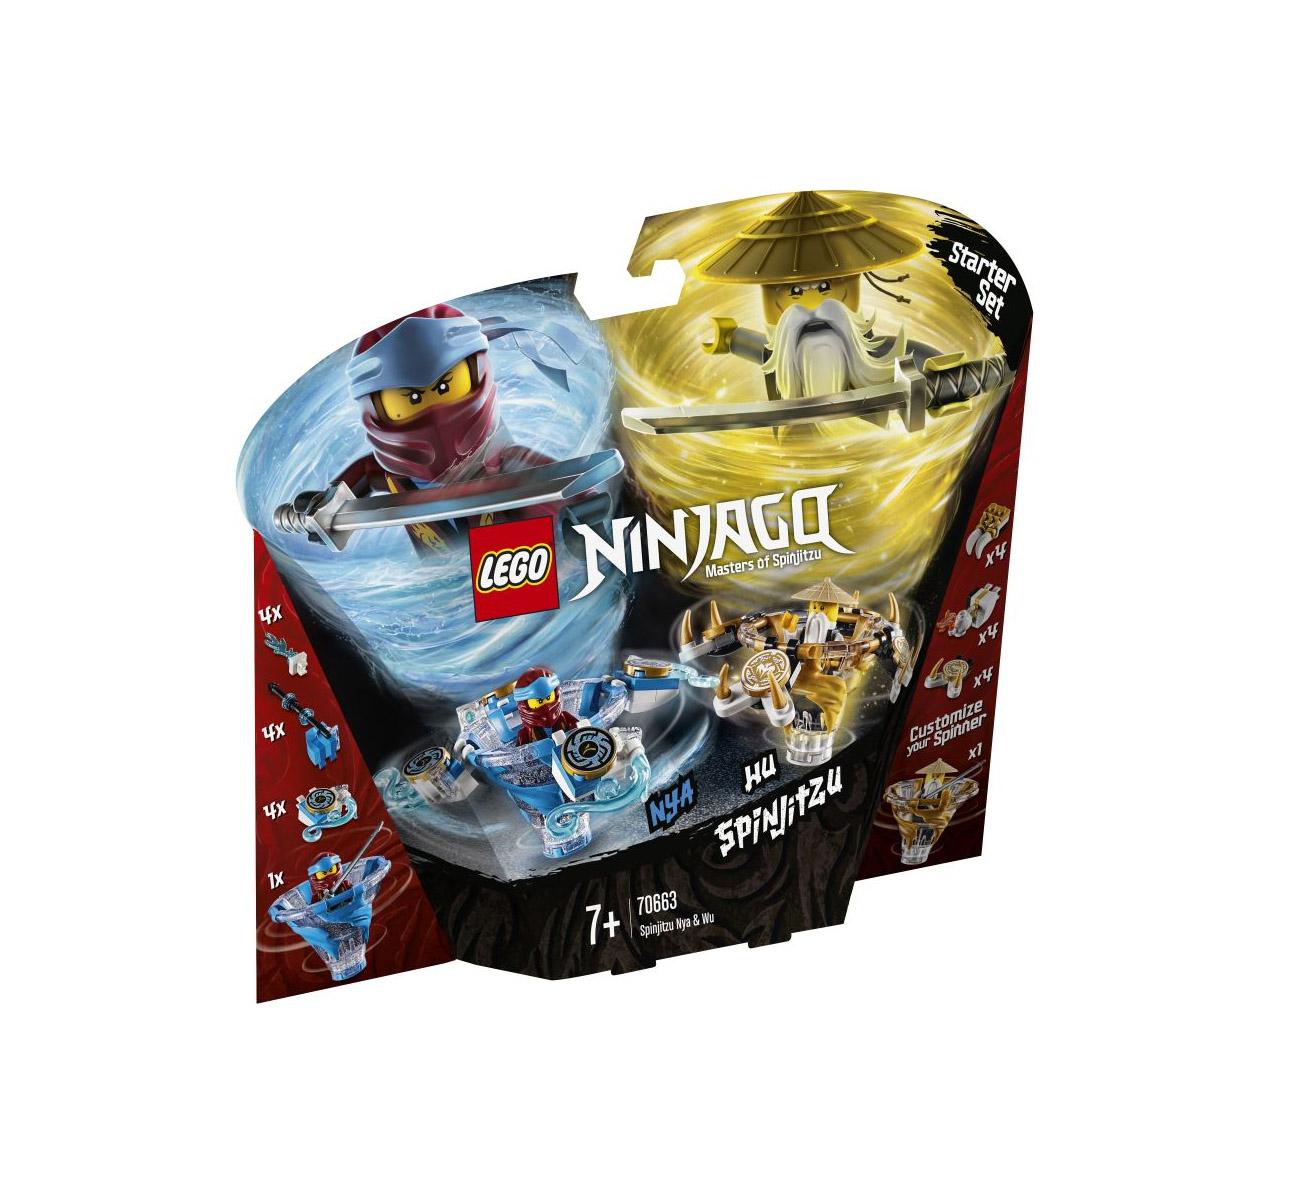 Lego Ninjago: Spinjitzu Nya & Wu 70663